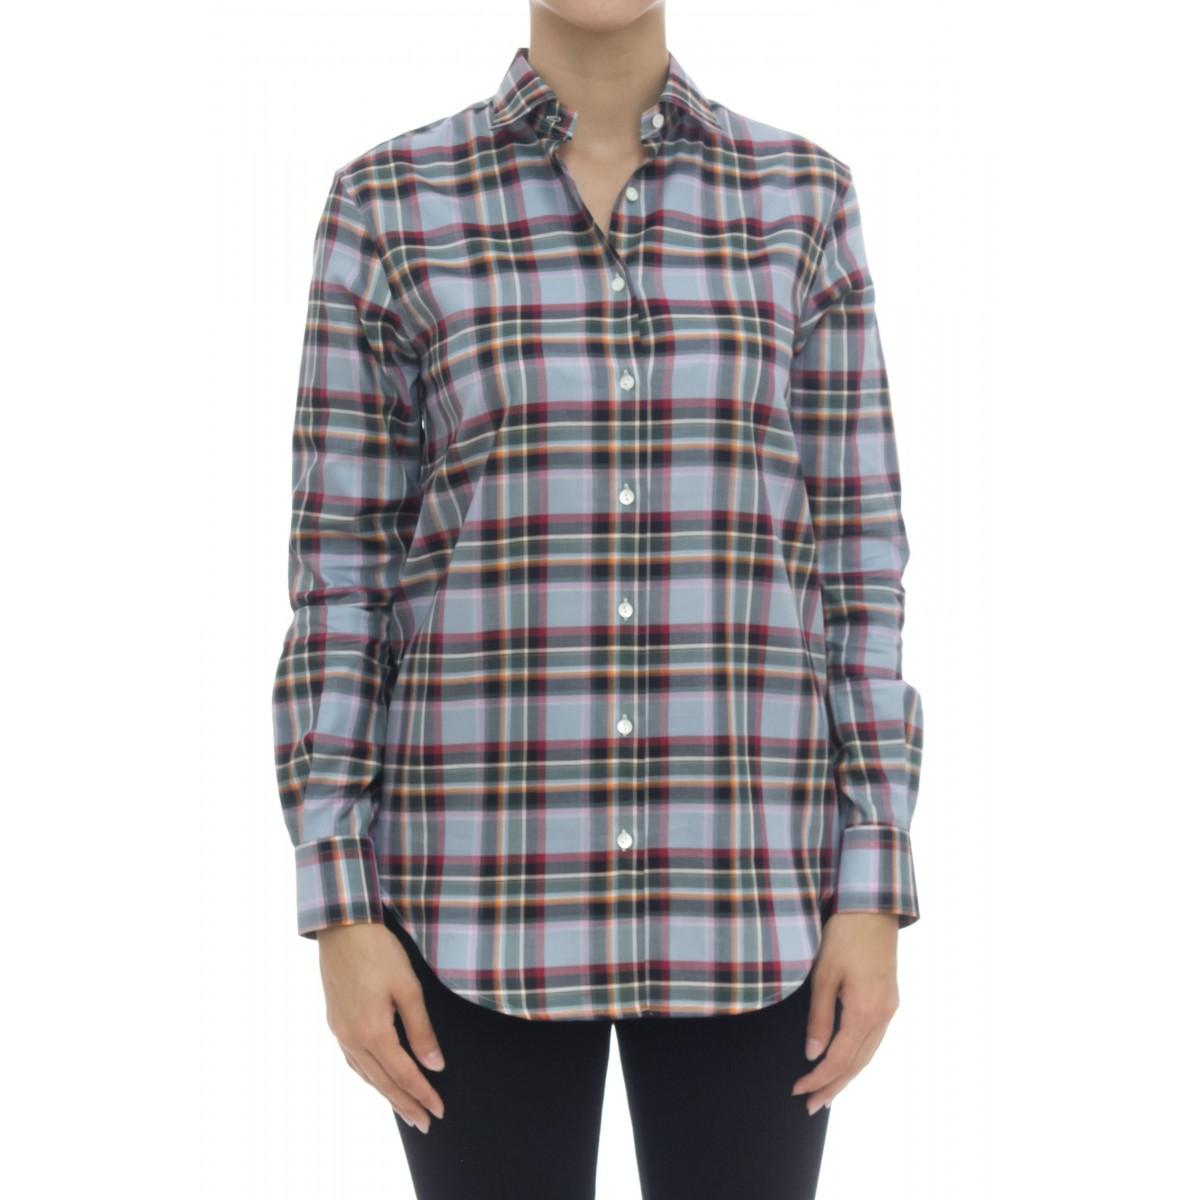 Camicia donna - 1105 55312 quadro